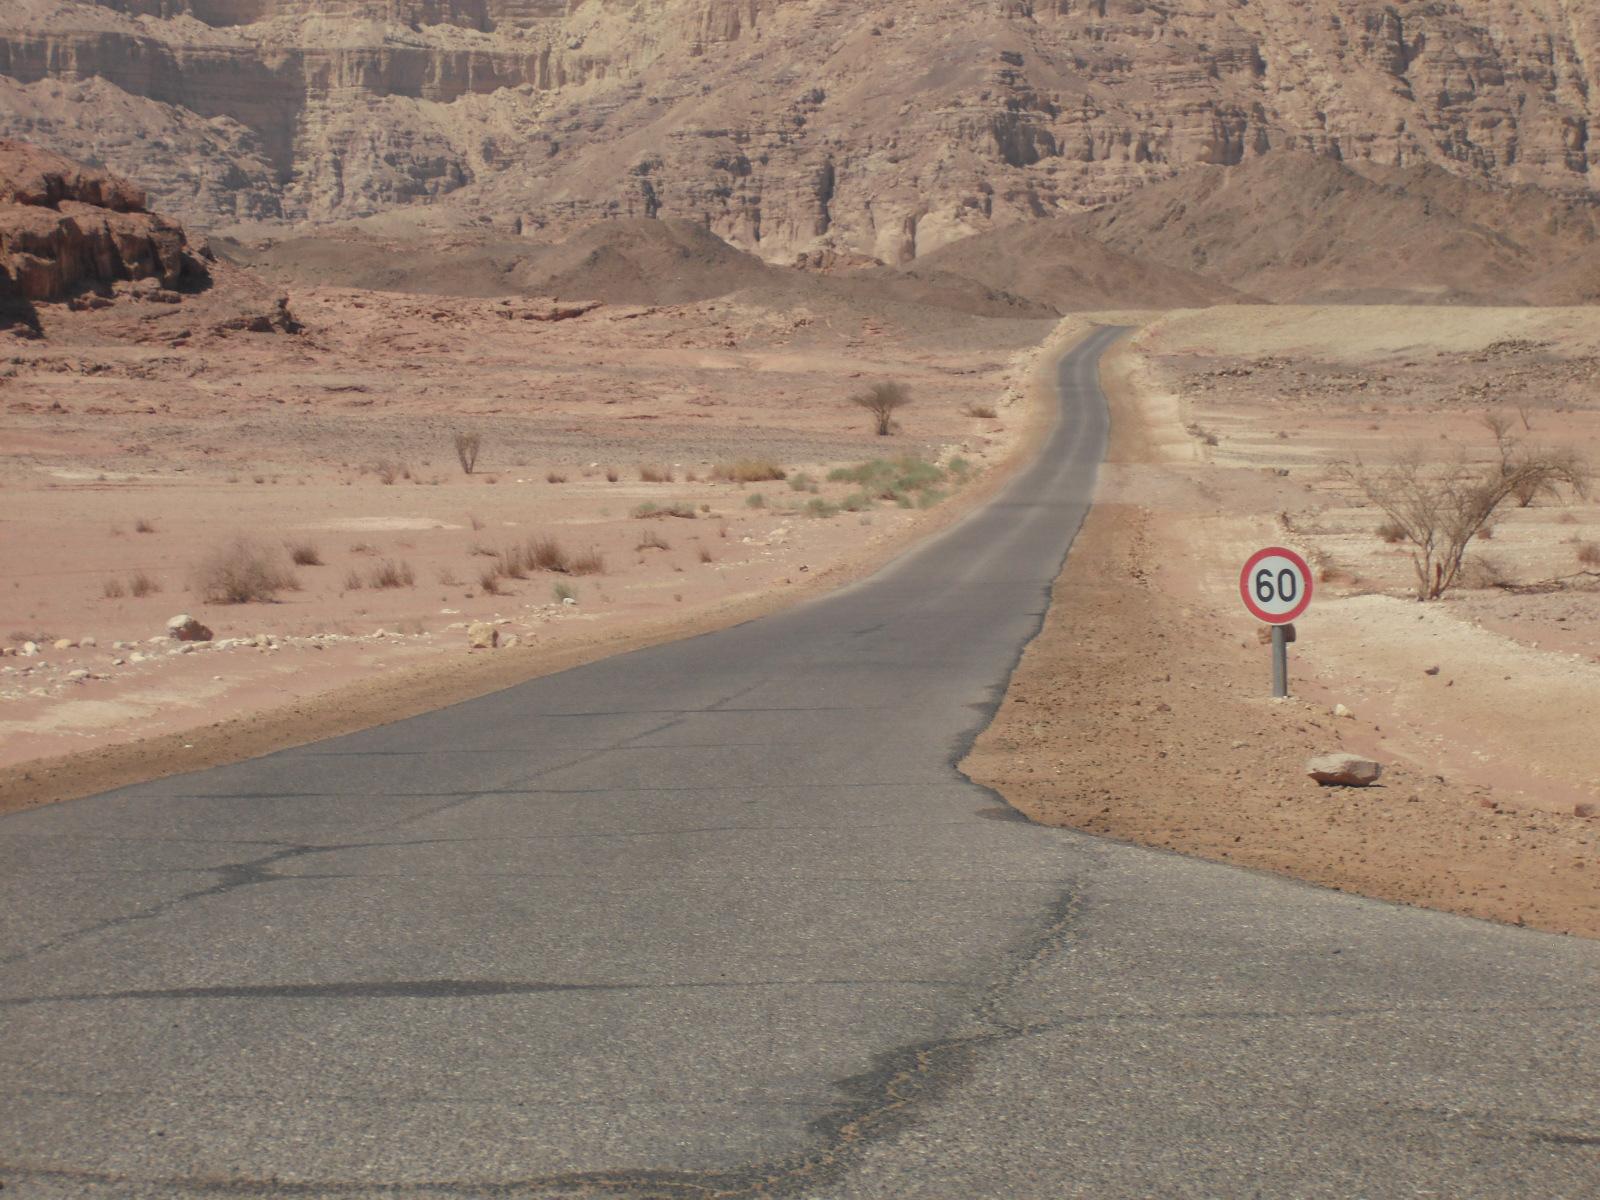 כביש חוצה הפארק